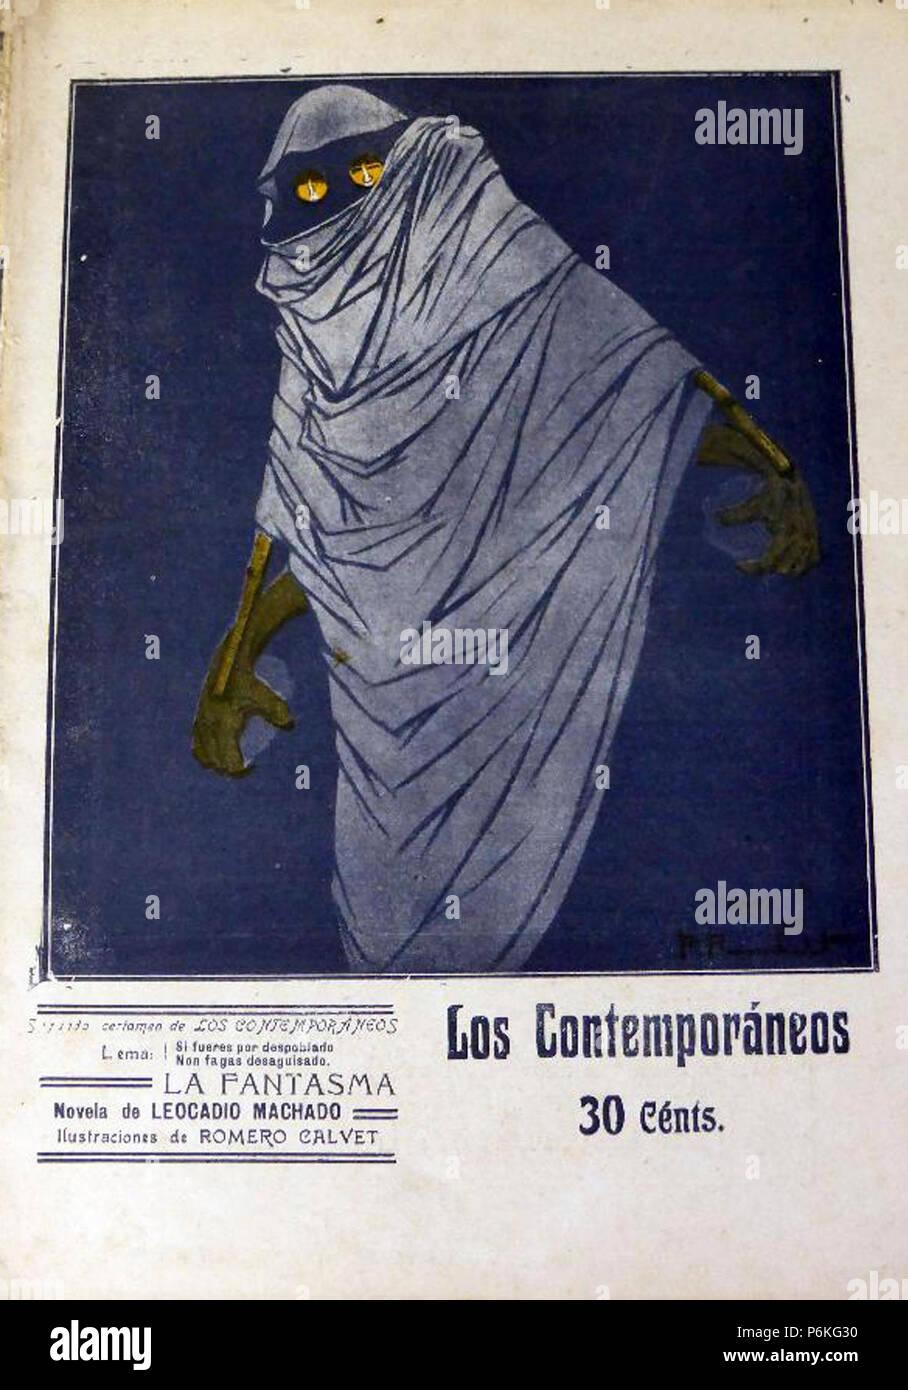 1911-08-25, Los Contemporáneos, La fantasma, de Leocadio Machado, Romero Calvet. Immagini Stock